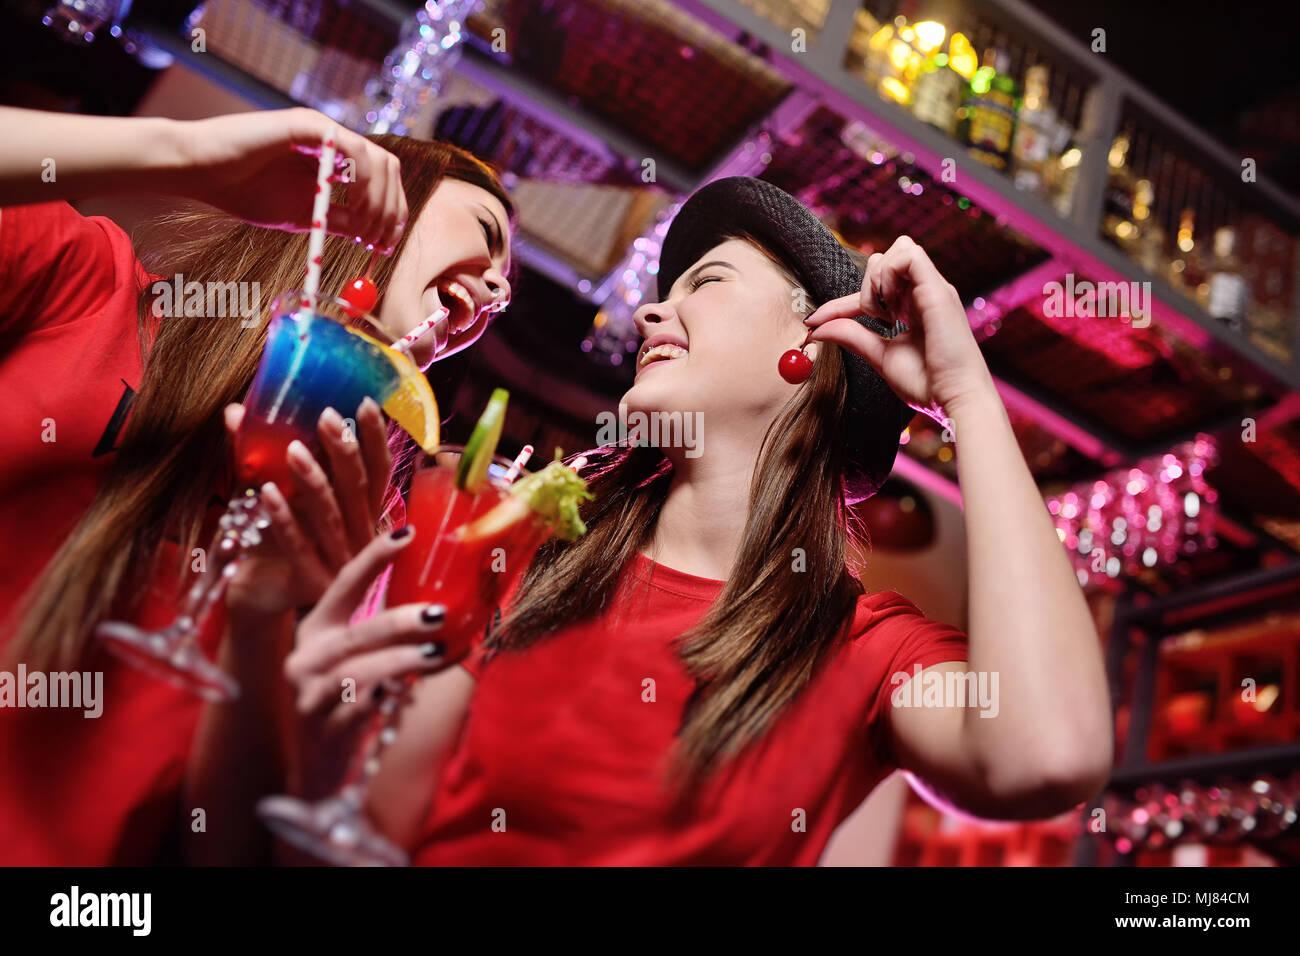 Deux jeunes amis lors d'une partie de rire avec des cocktails dans les mains d'un bar. Banque D'Images